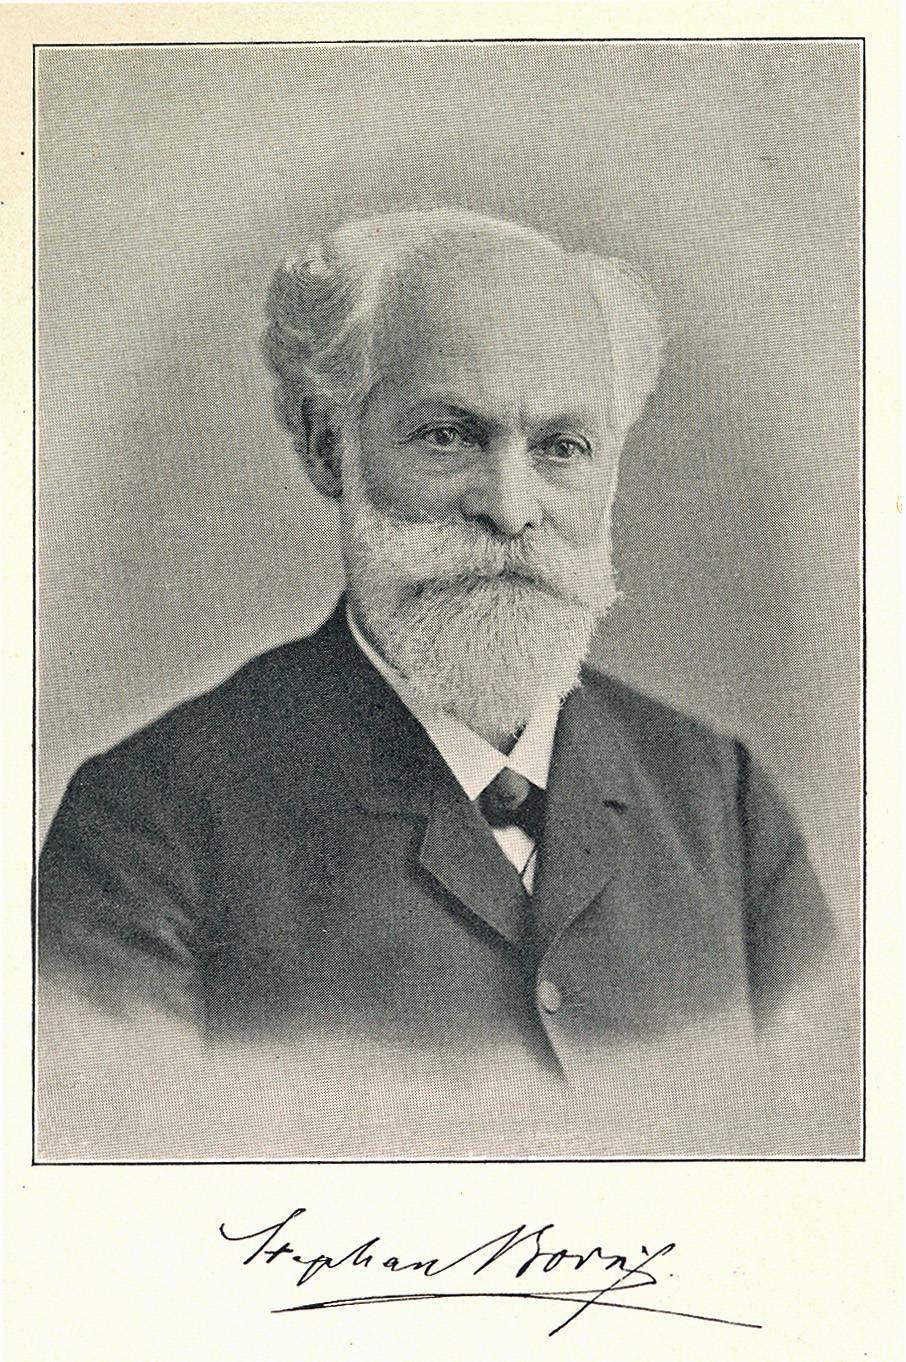 Stefan Born, 1848 im ersten Redaktionskomitee des »Gutenberg« | aus: Stephan Born, Erinnerungen eines Achtundvierziger, 2. Aufl. Leipzig 1989